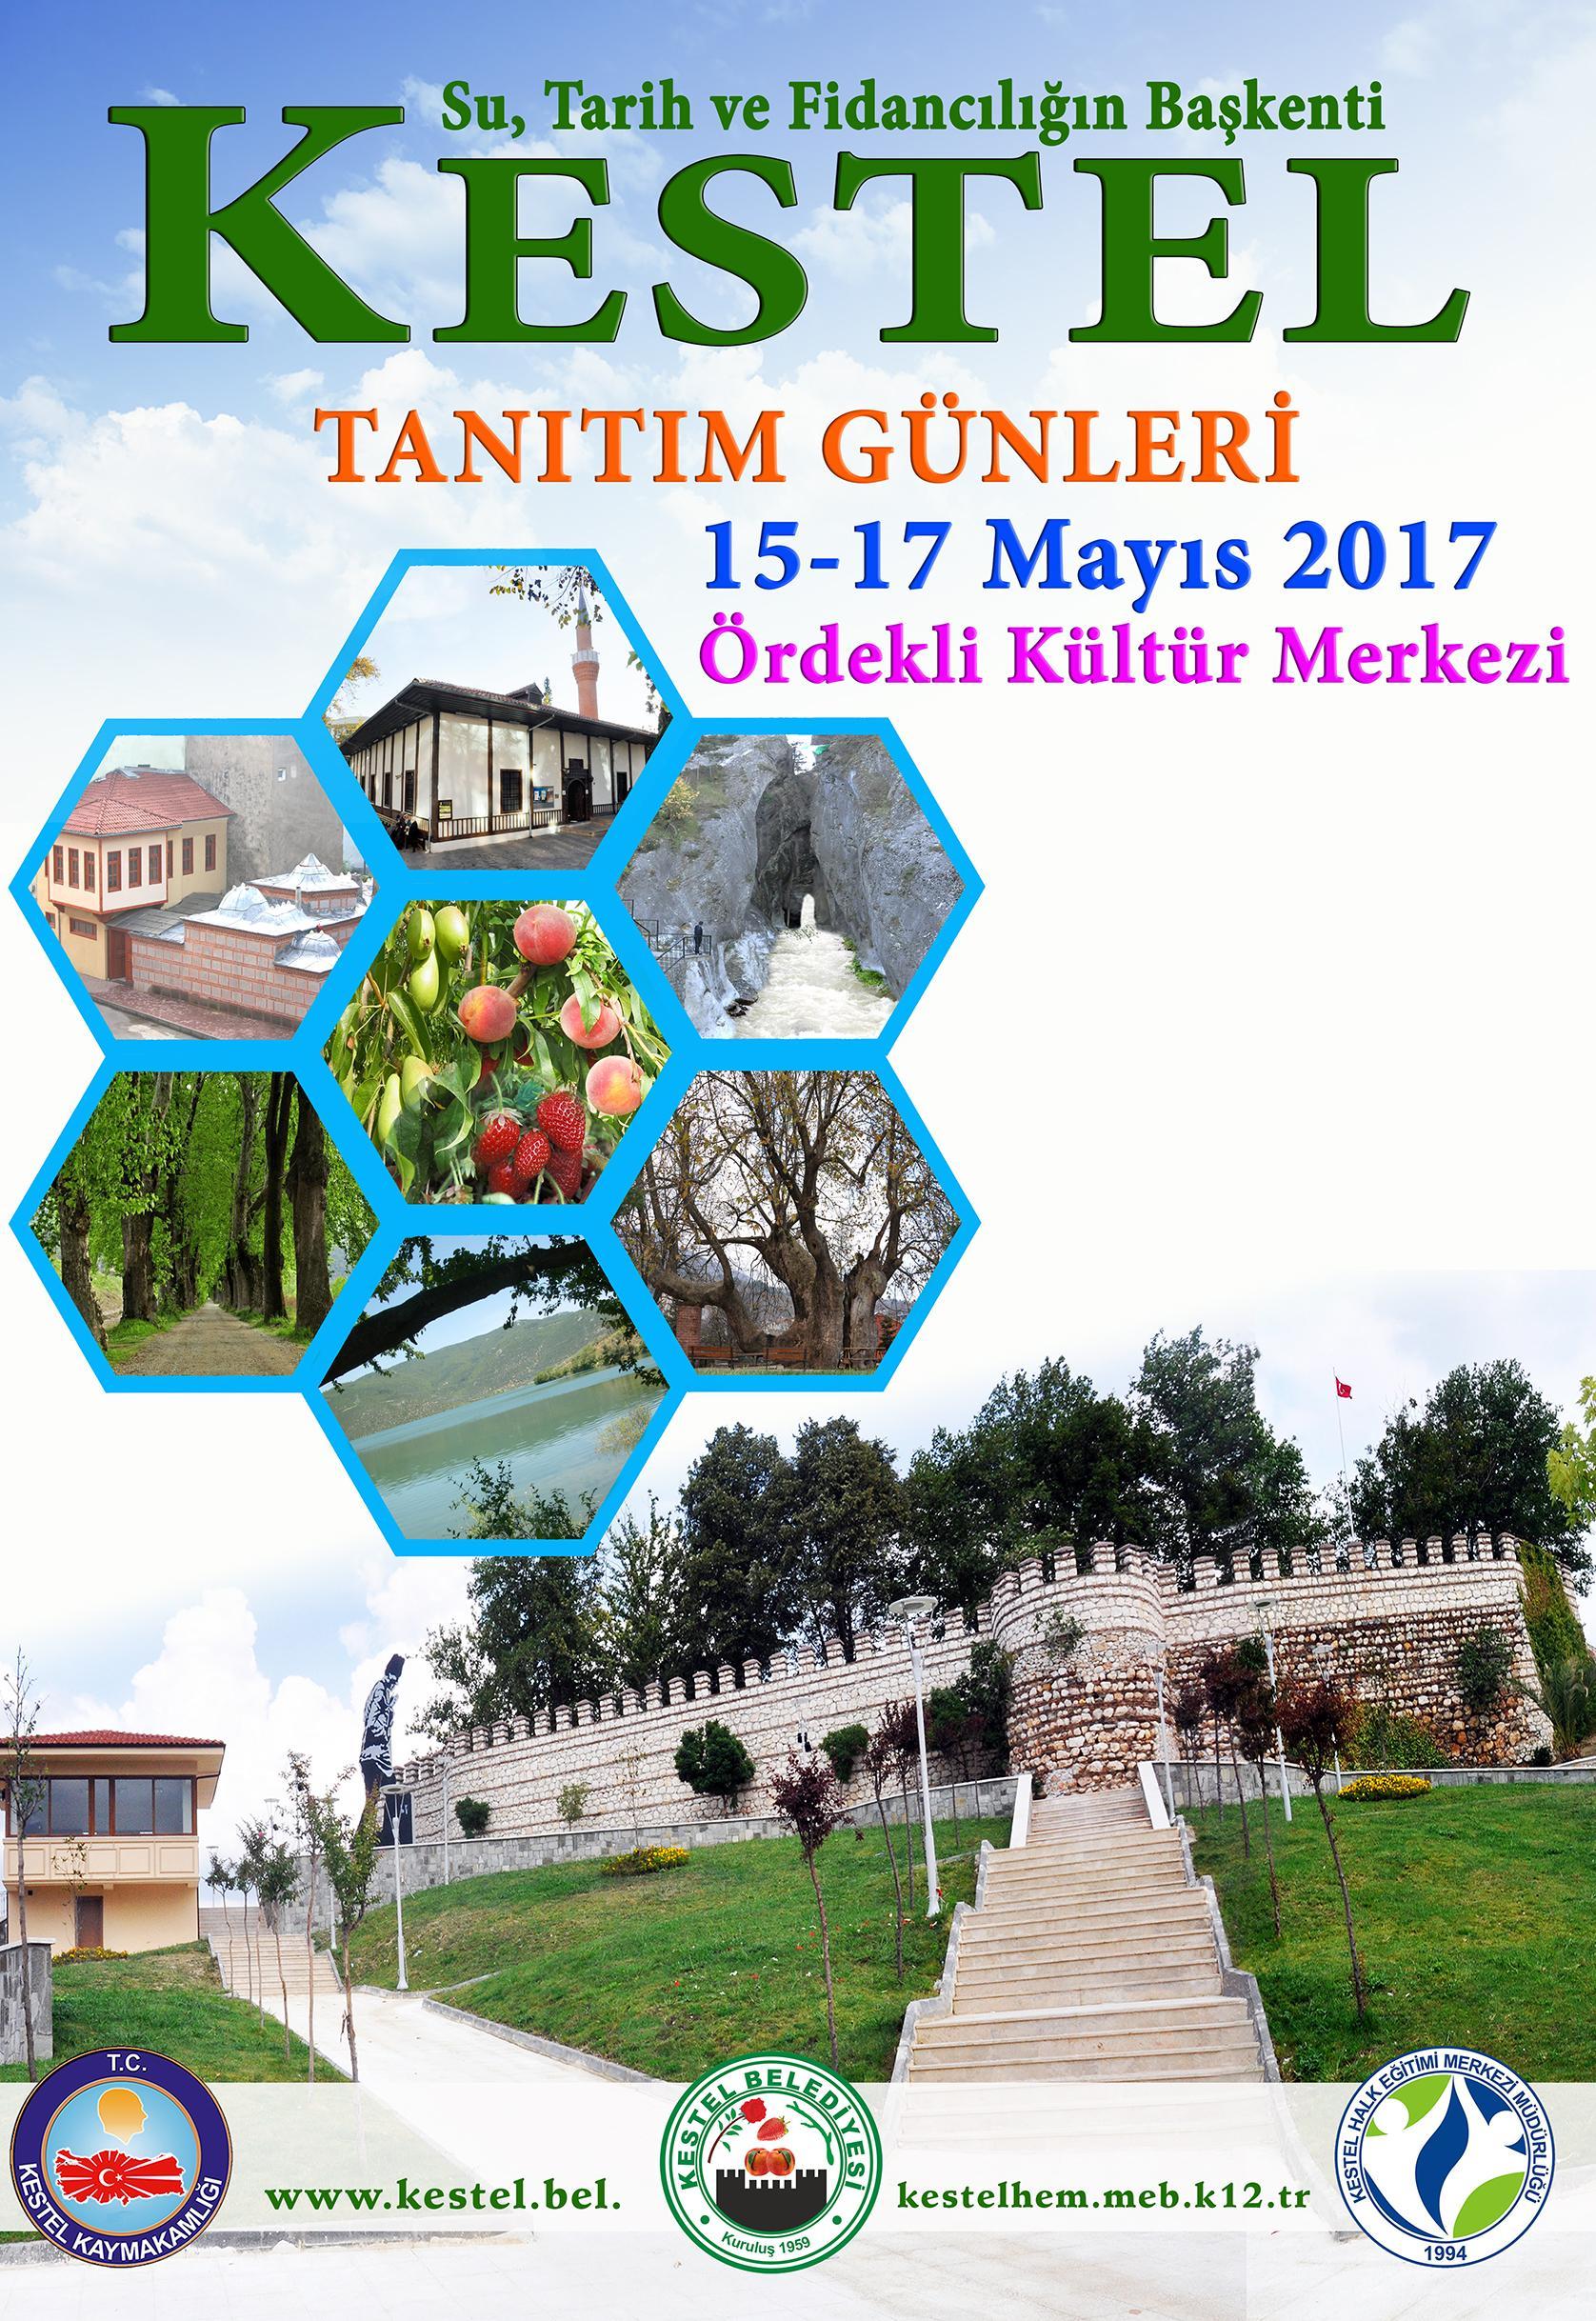 KESTEL TANITIM GÜNLERİ